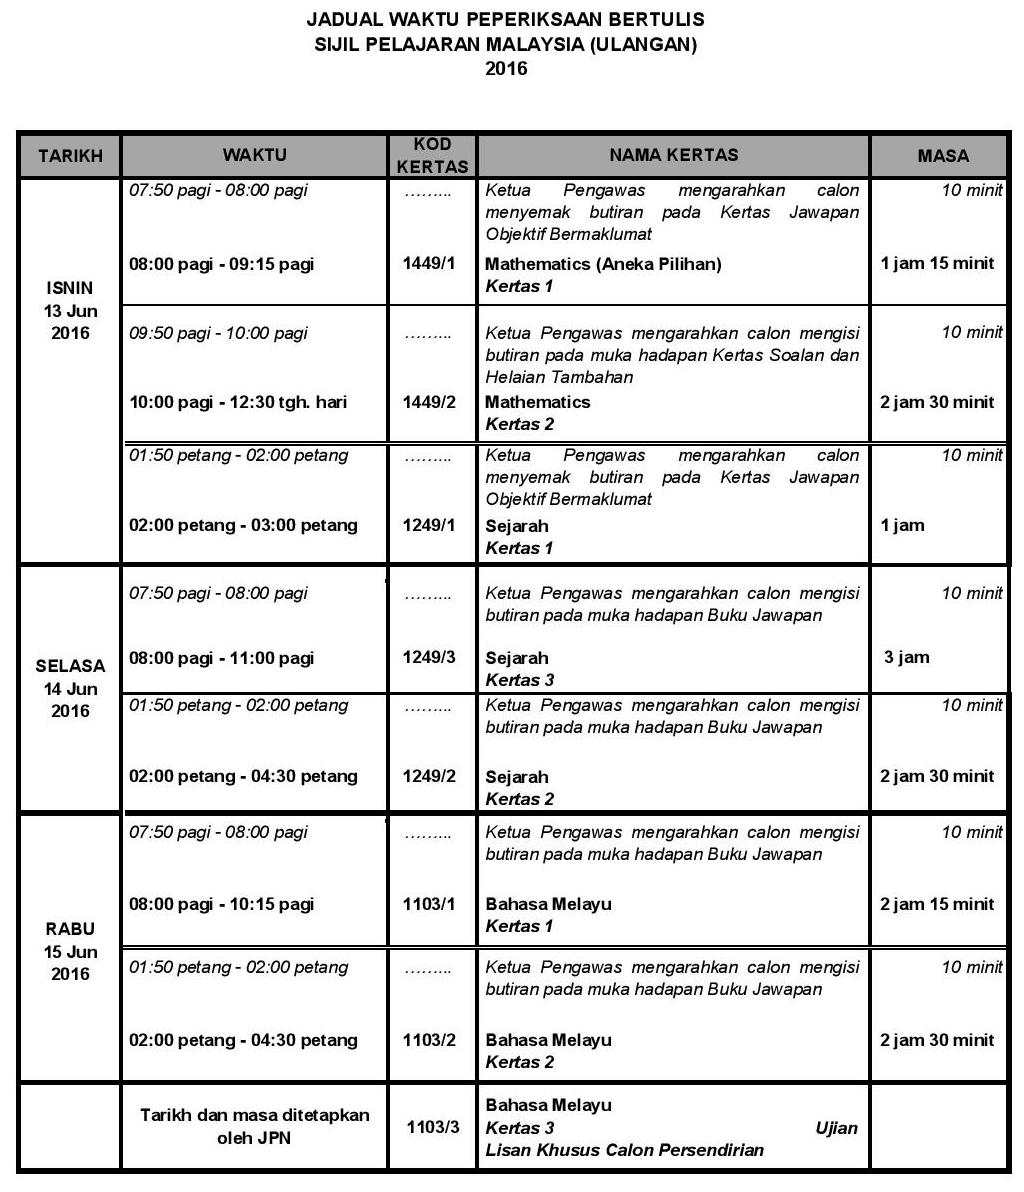 tarikh Peperiksaan SPMU Ulangan 2016